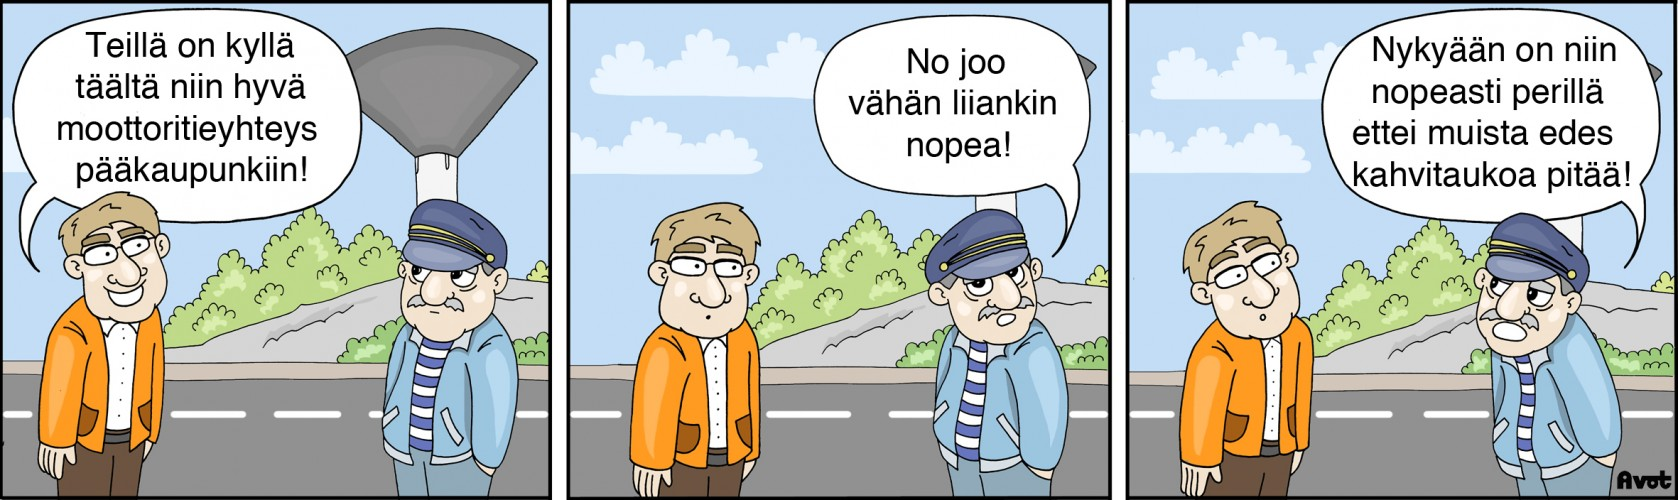 Meijän-Masa-sarjakuva-E18